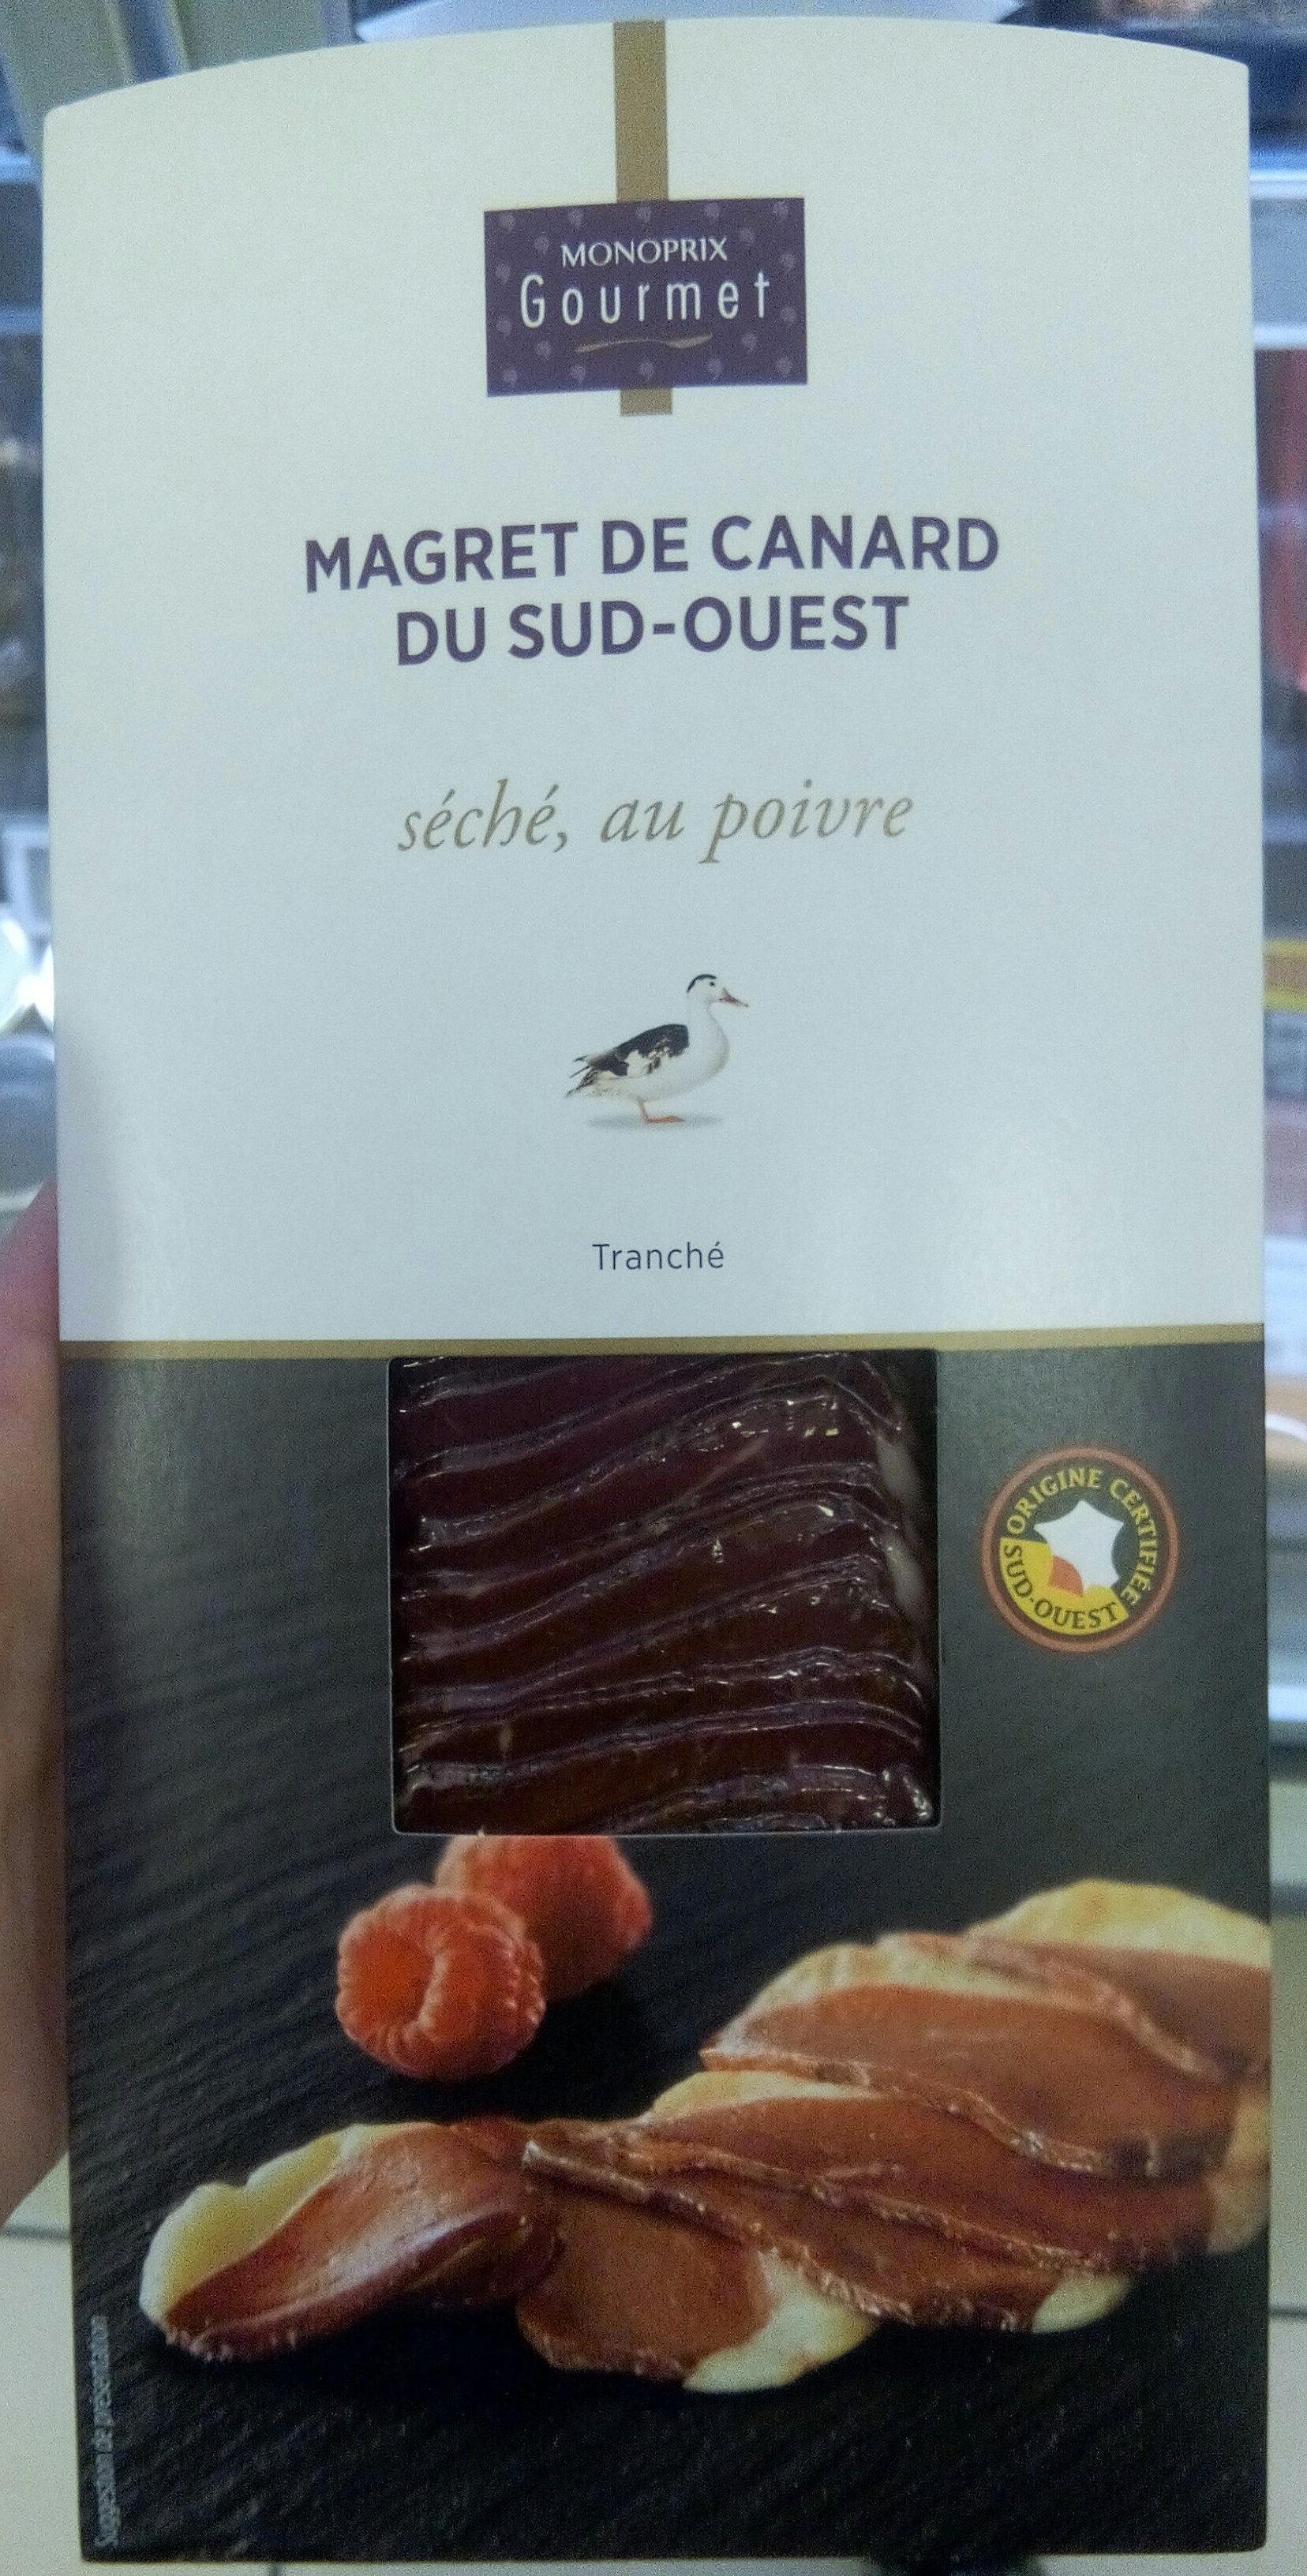 Magret de canard, tranché et séché au poivre, origine Sud-Ouest - Produit